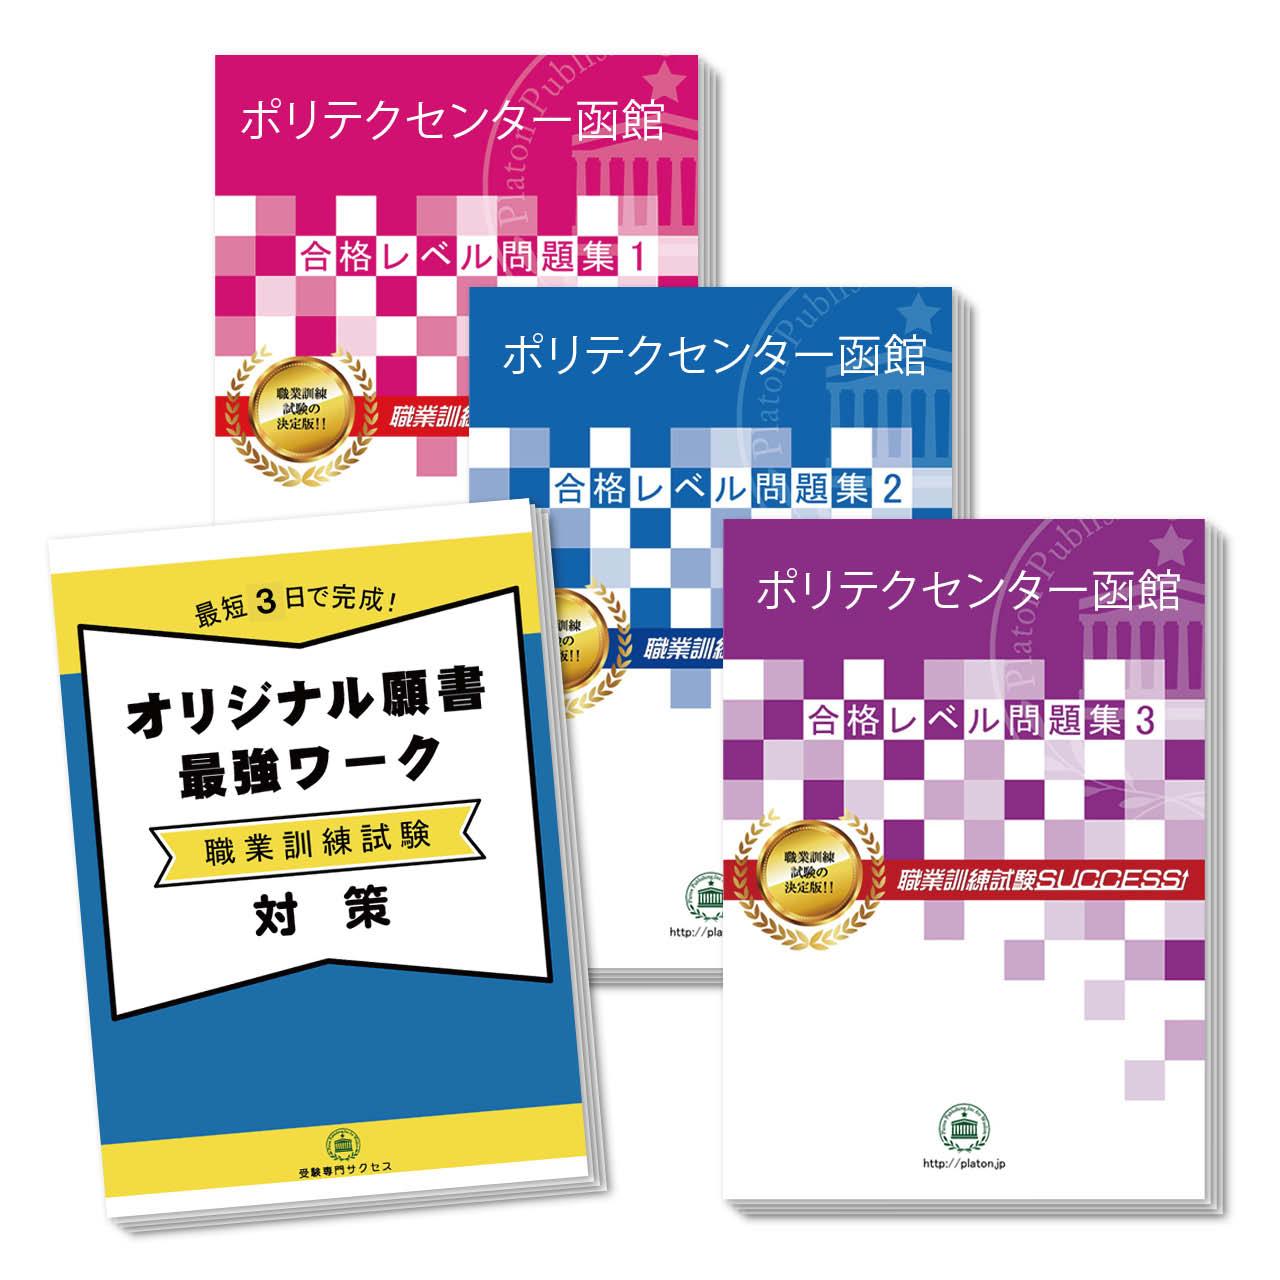 【送料・代引手数料無料】ポリテクセンター函館・受験合格セット(3冊)+オリジナル願書最強ワーク